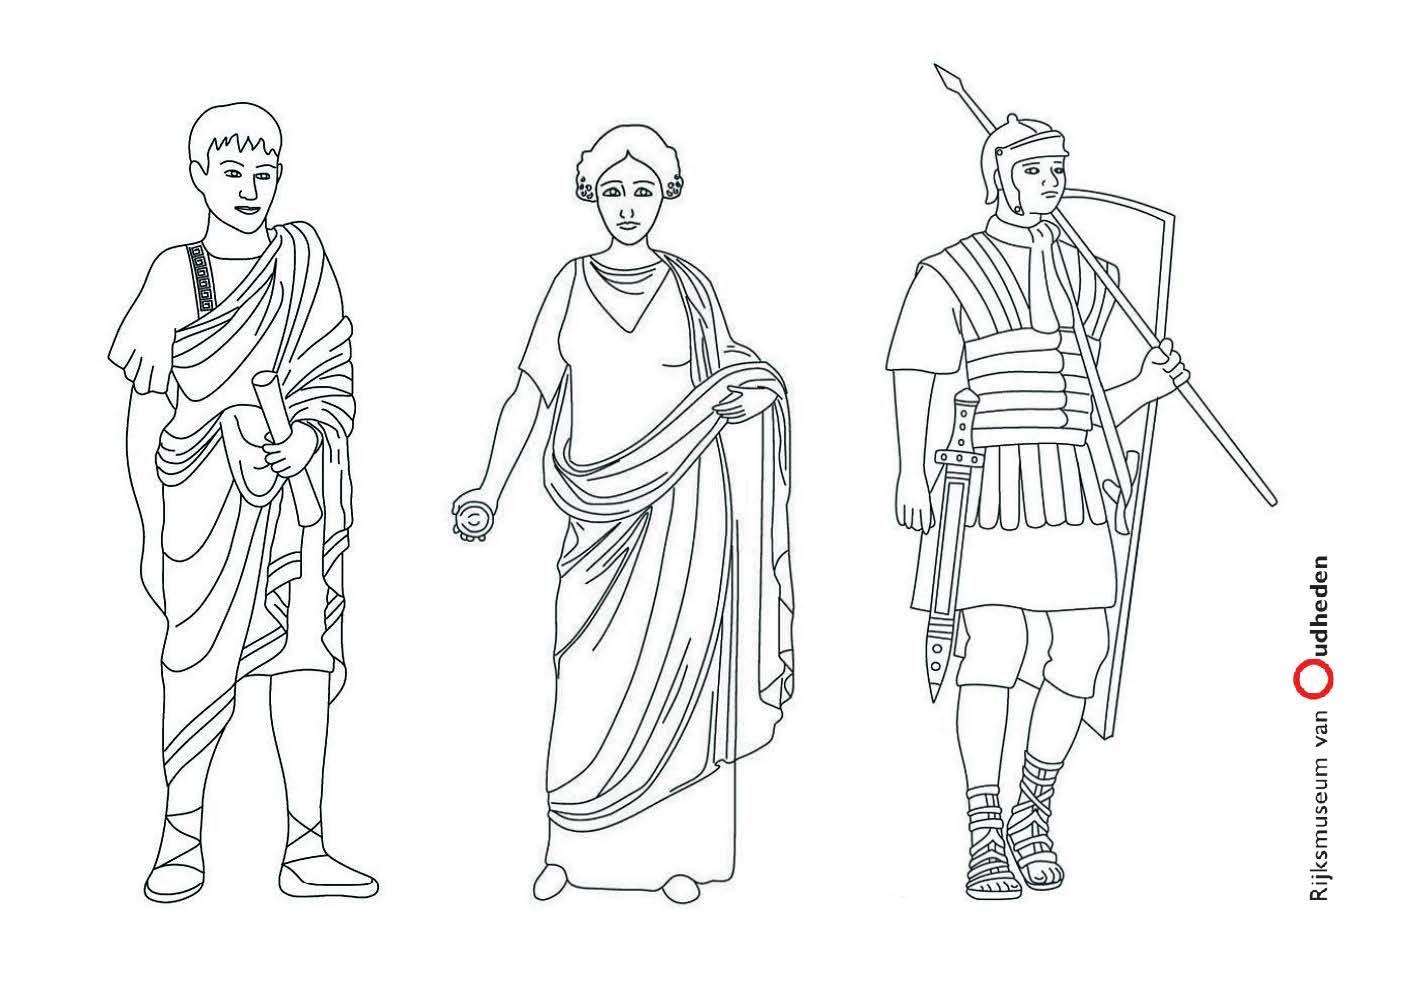 Op De Kleurplaat Zie Je Drie Romeinen Kleur Ze In Hoe Jij Denkt Dat Ze Eruit Zagen In De Romeinse Tijd Romeinen Romeinse Kunst Oudheid